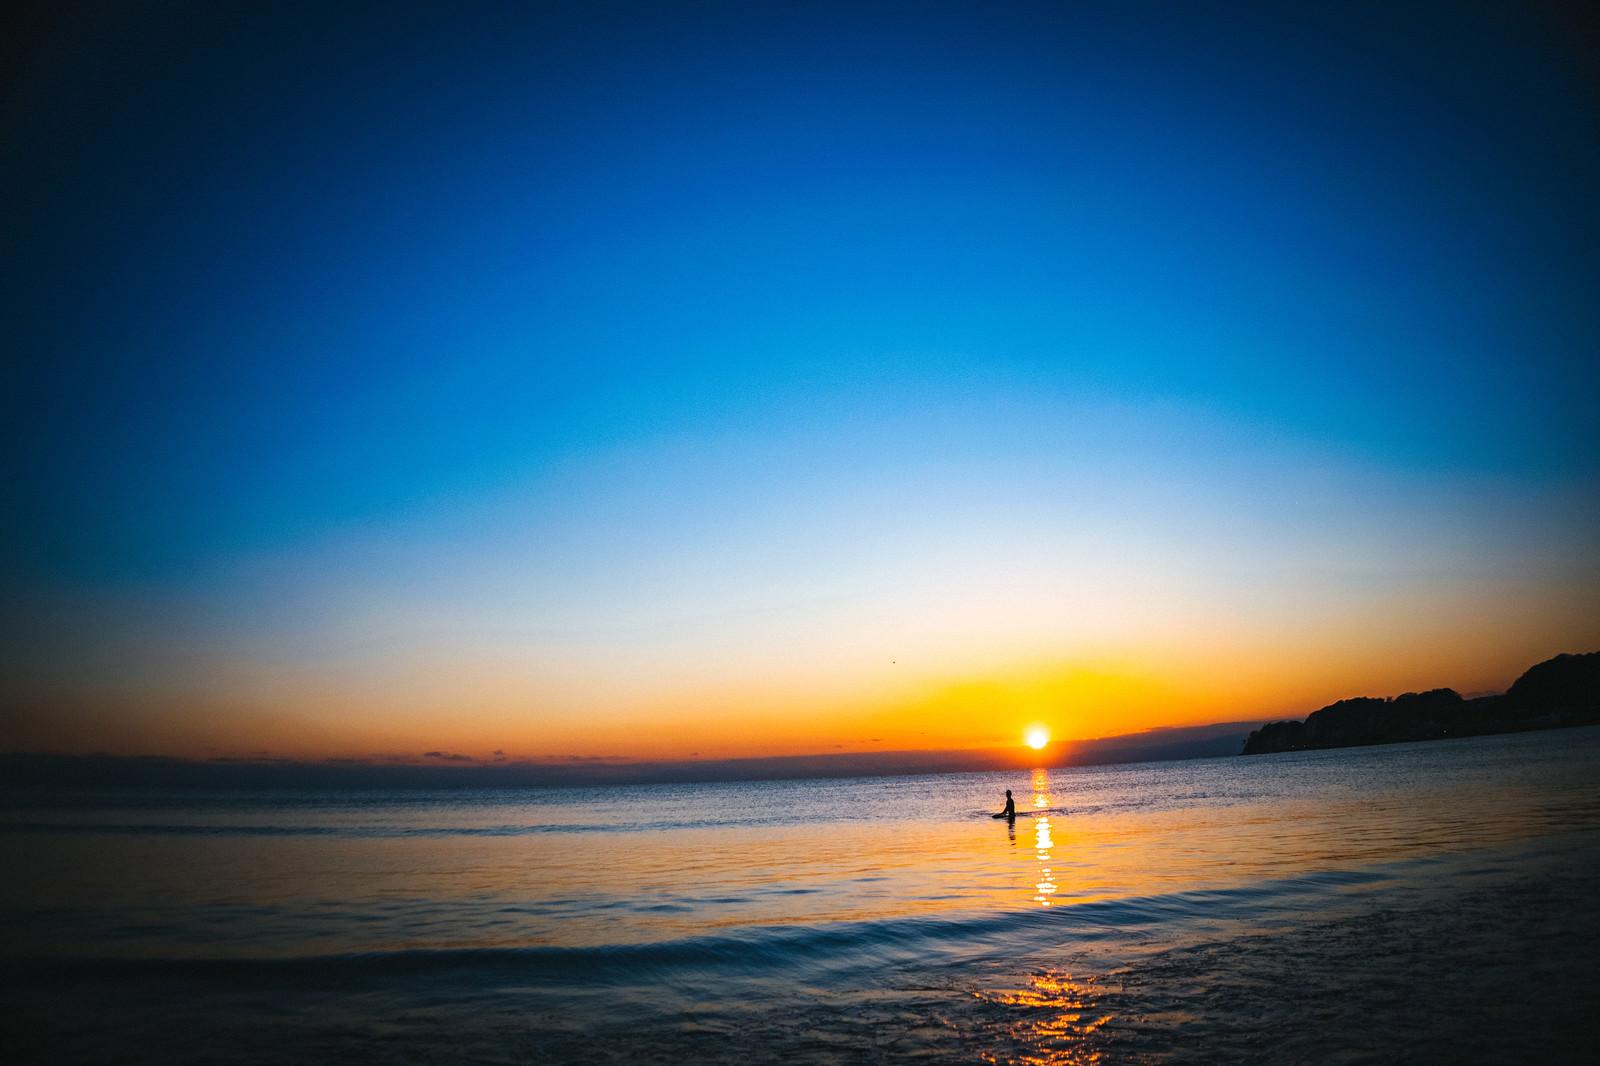 「夕日の焼けた海に浮かぶサーファー | 写真の無料素材・フリー素材 - ぱくたそ」の写真